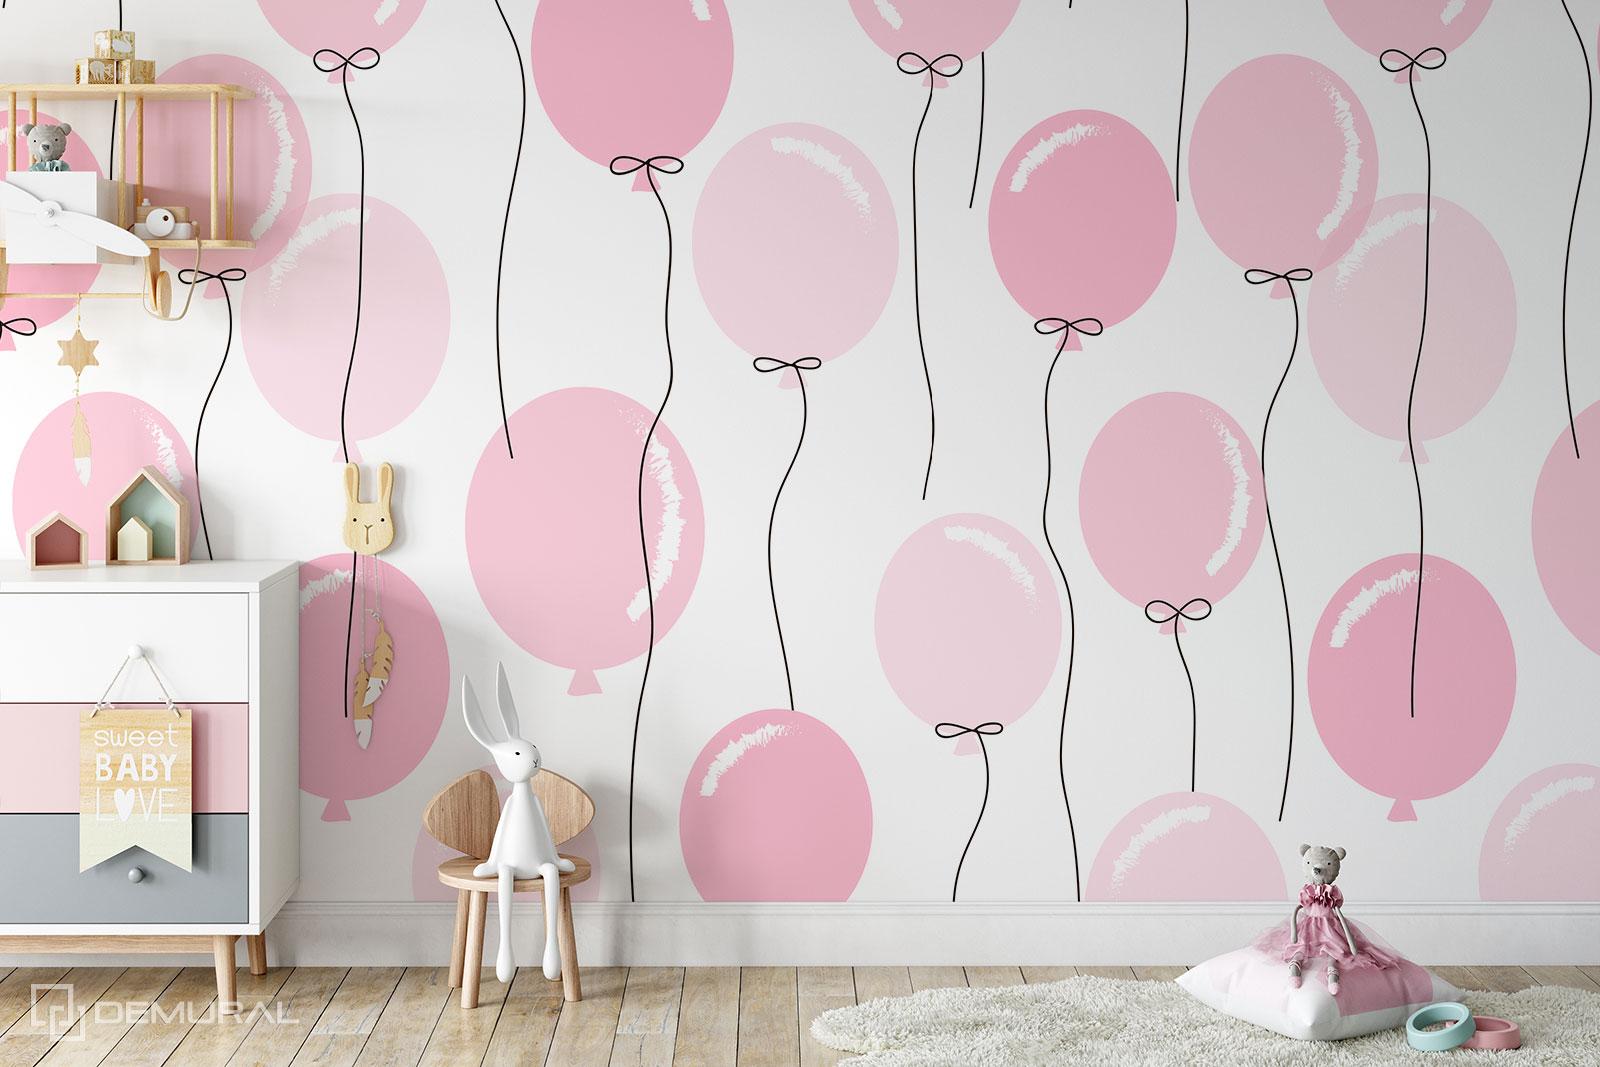 Fototapeta Delikatne baloniki - Fototapeta dla dziewczynki - Demural